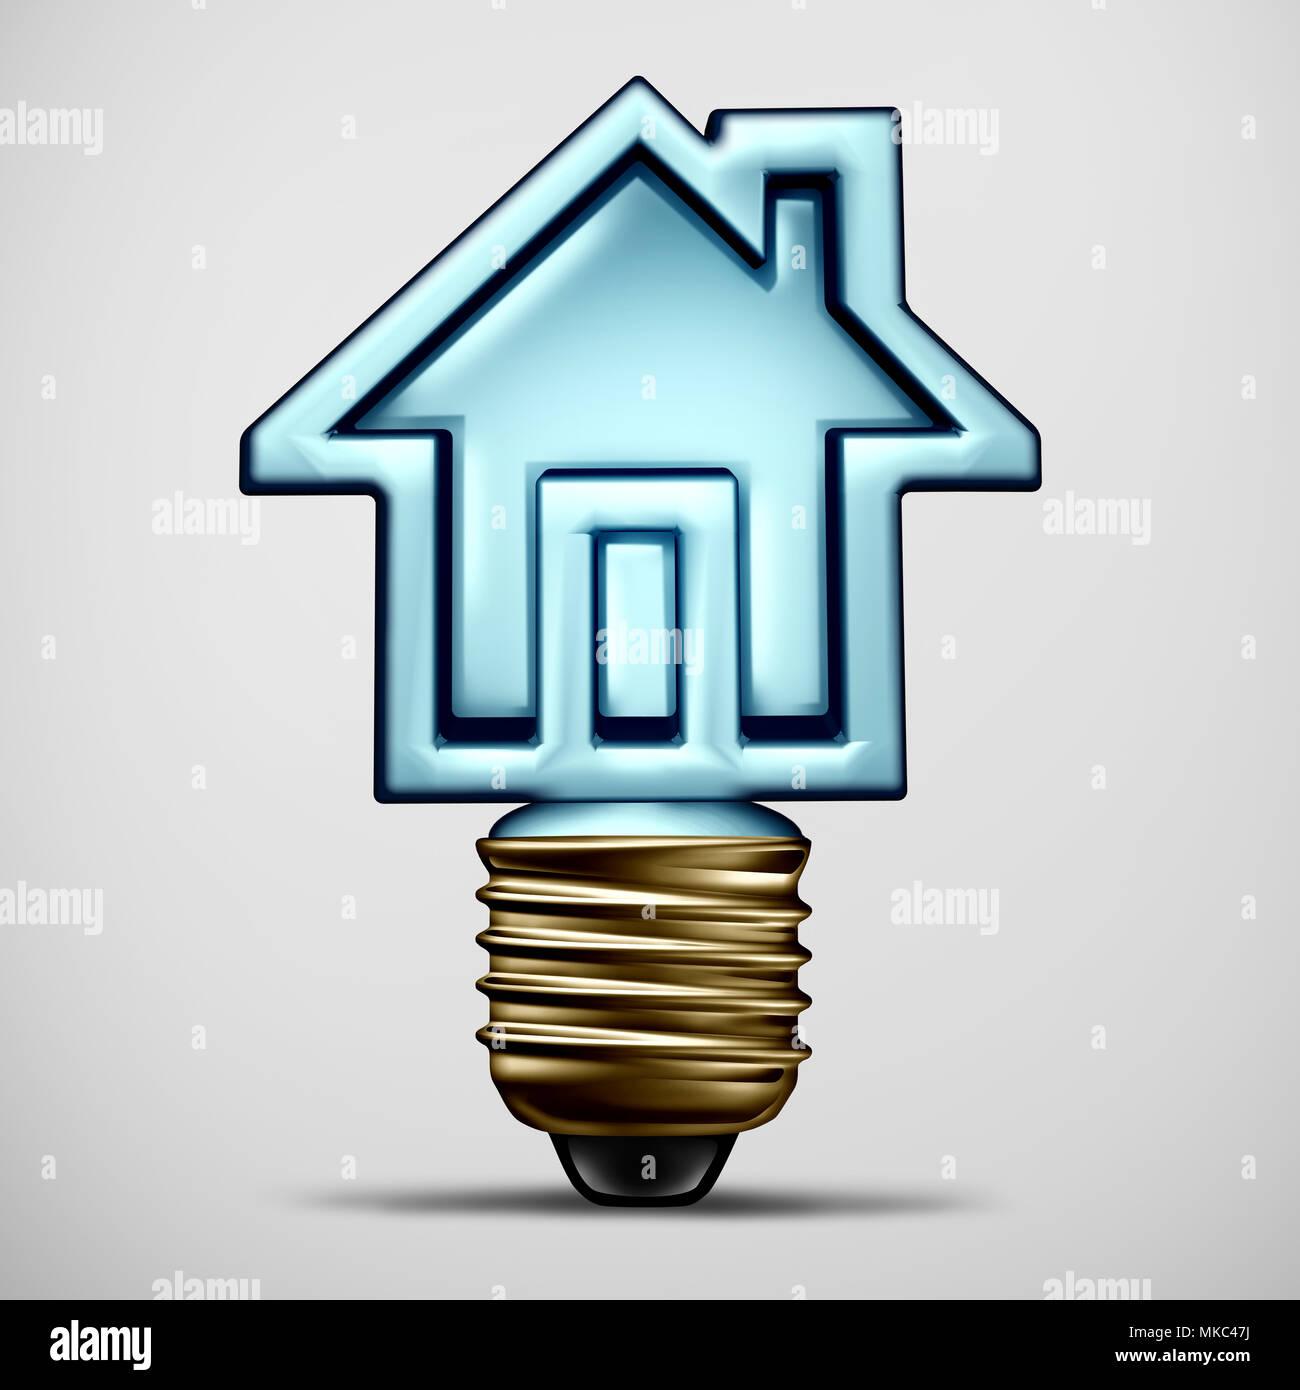 Idée d'accueil et de la chambre d'inspiration comme une illustration 3D d'un quartier résidentiel avec un symbole de solution en forme d'ampoule comme résidence. Photo Stock